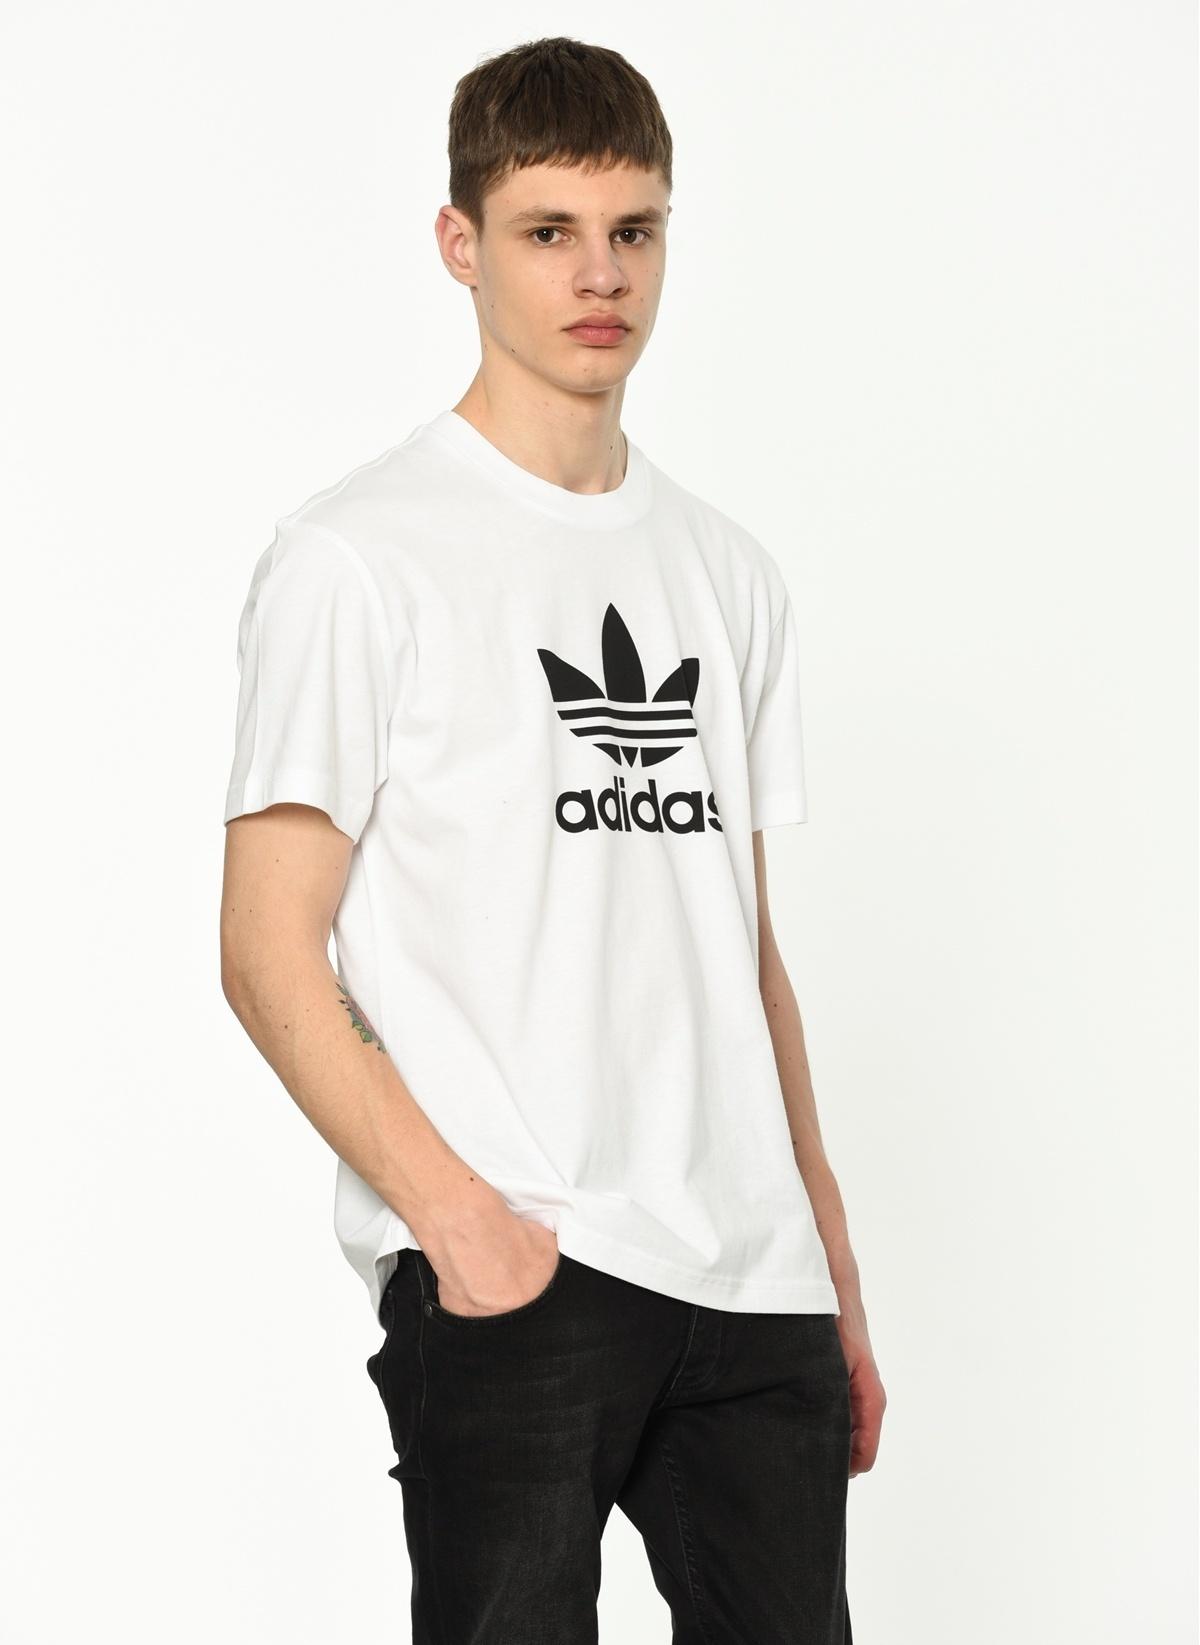 Adidas Baskılı Tişört Cw0710 Trefoil T-shirt – 179.0 TL